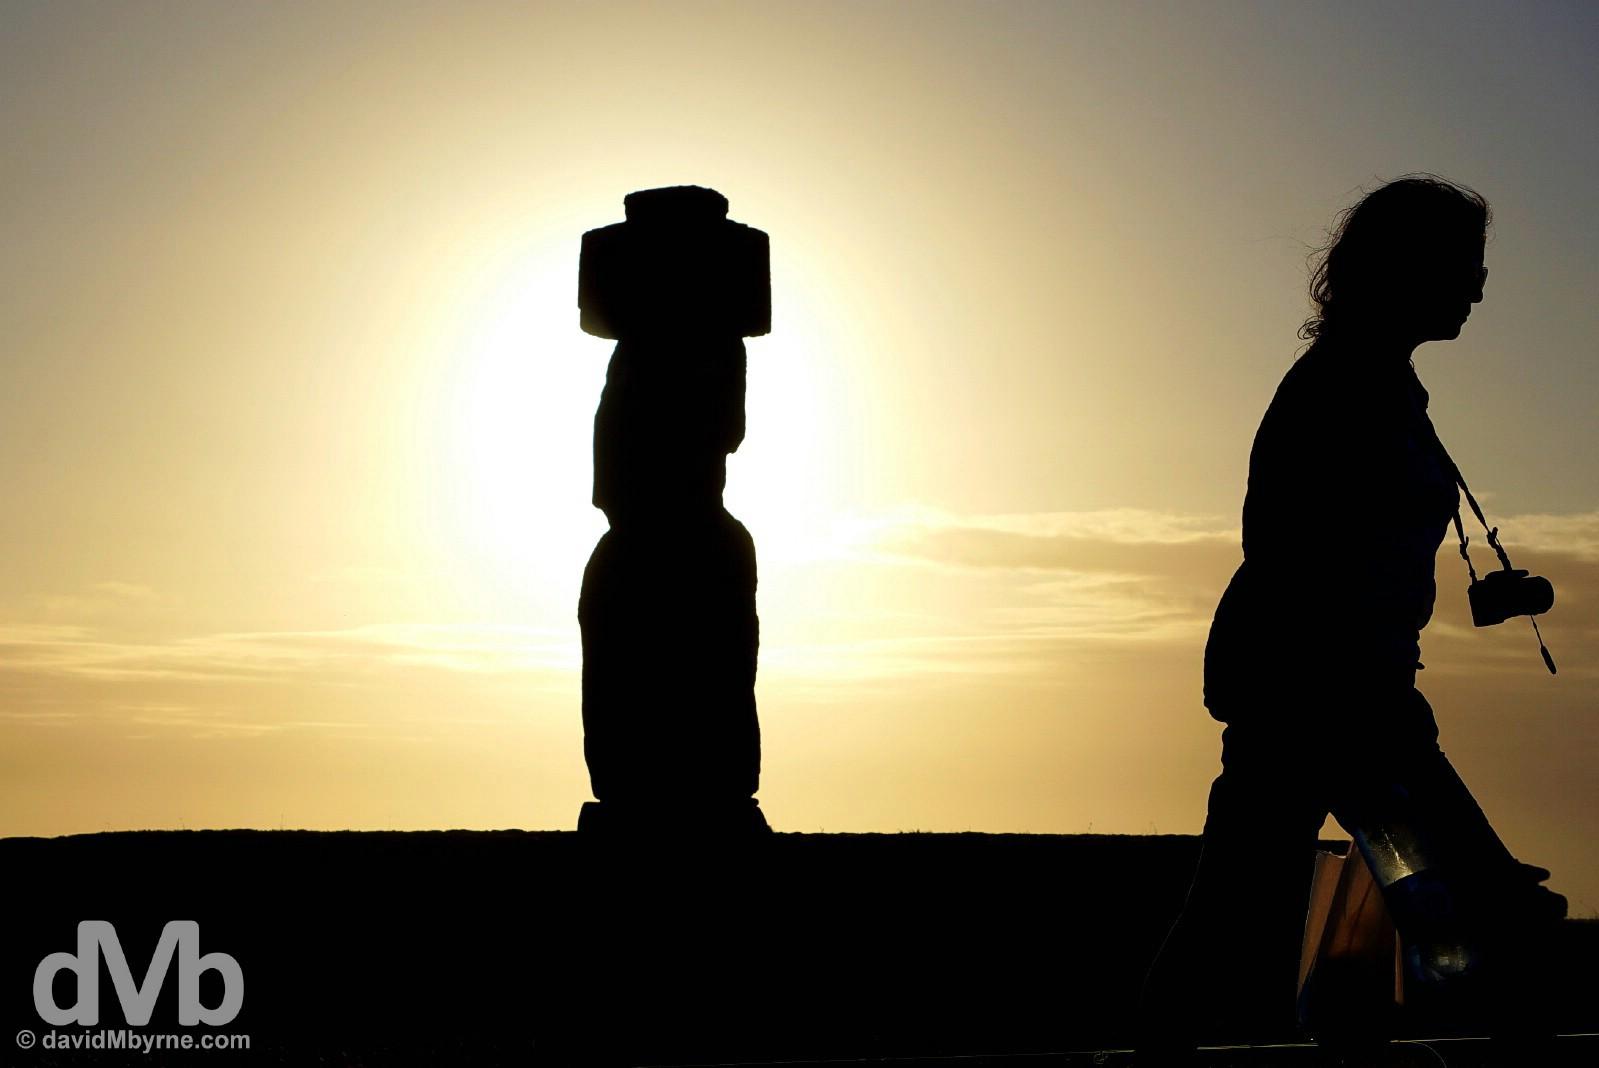 Sunset silhouettes at Ahu Ko Te Riku, Tahai, Easter Island, Chile. September 28, 2015.